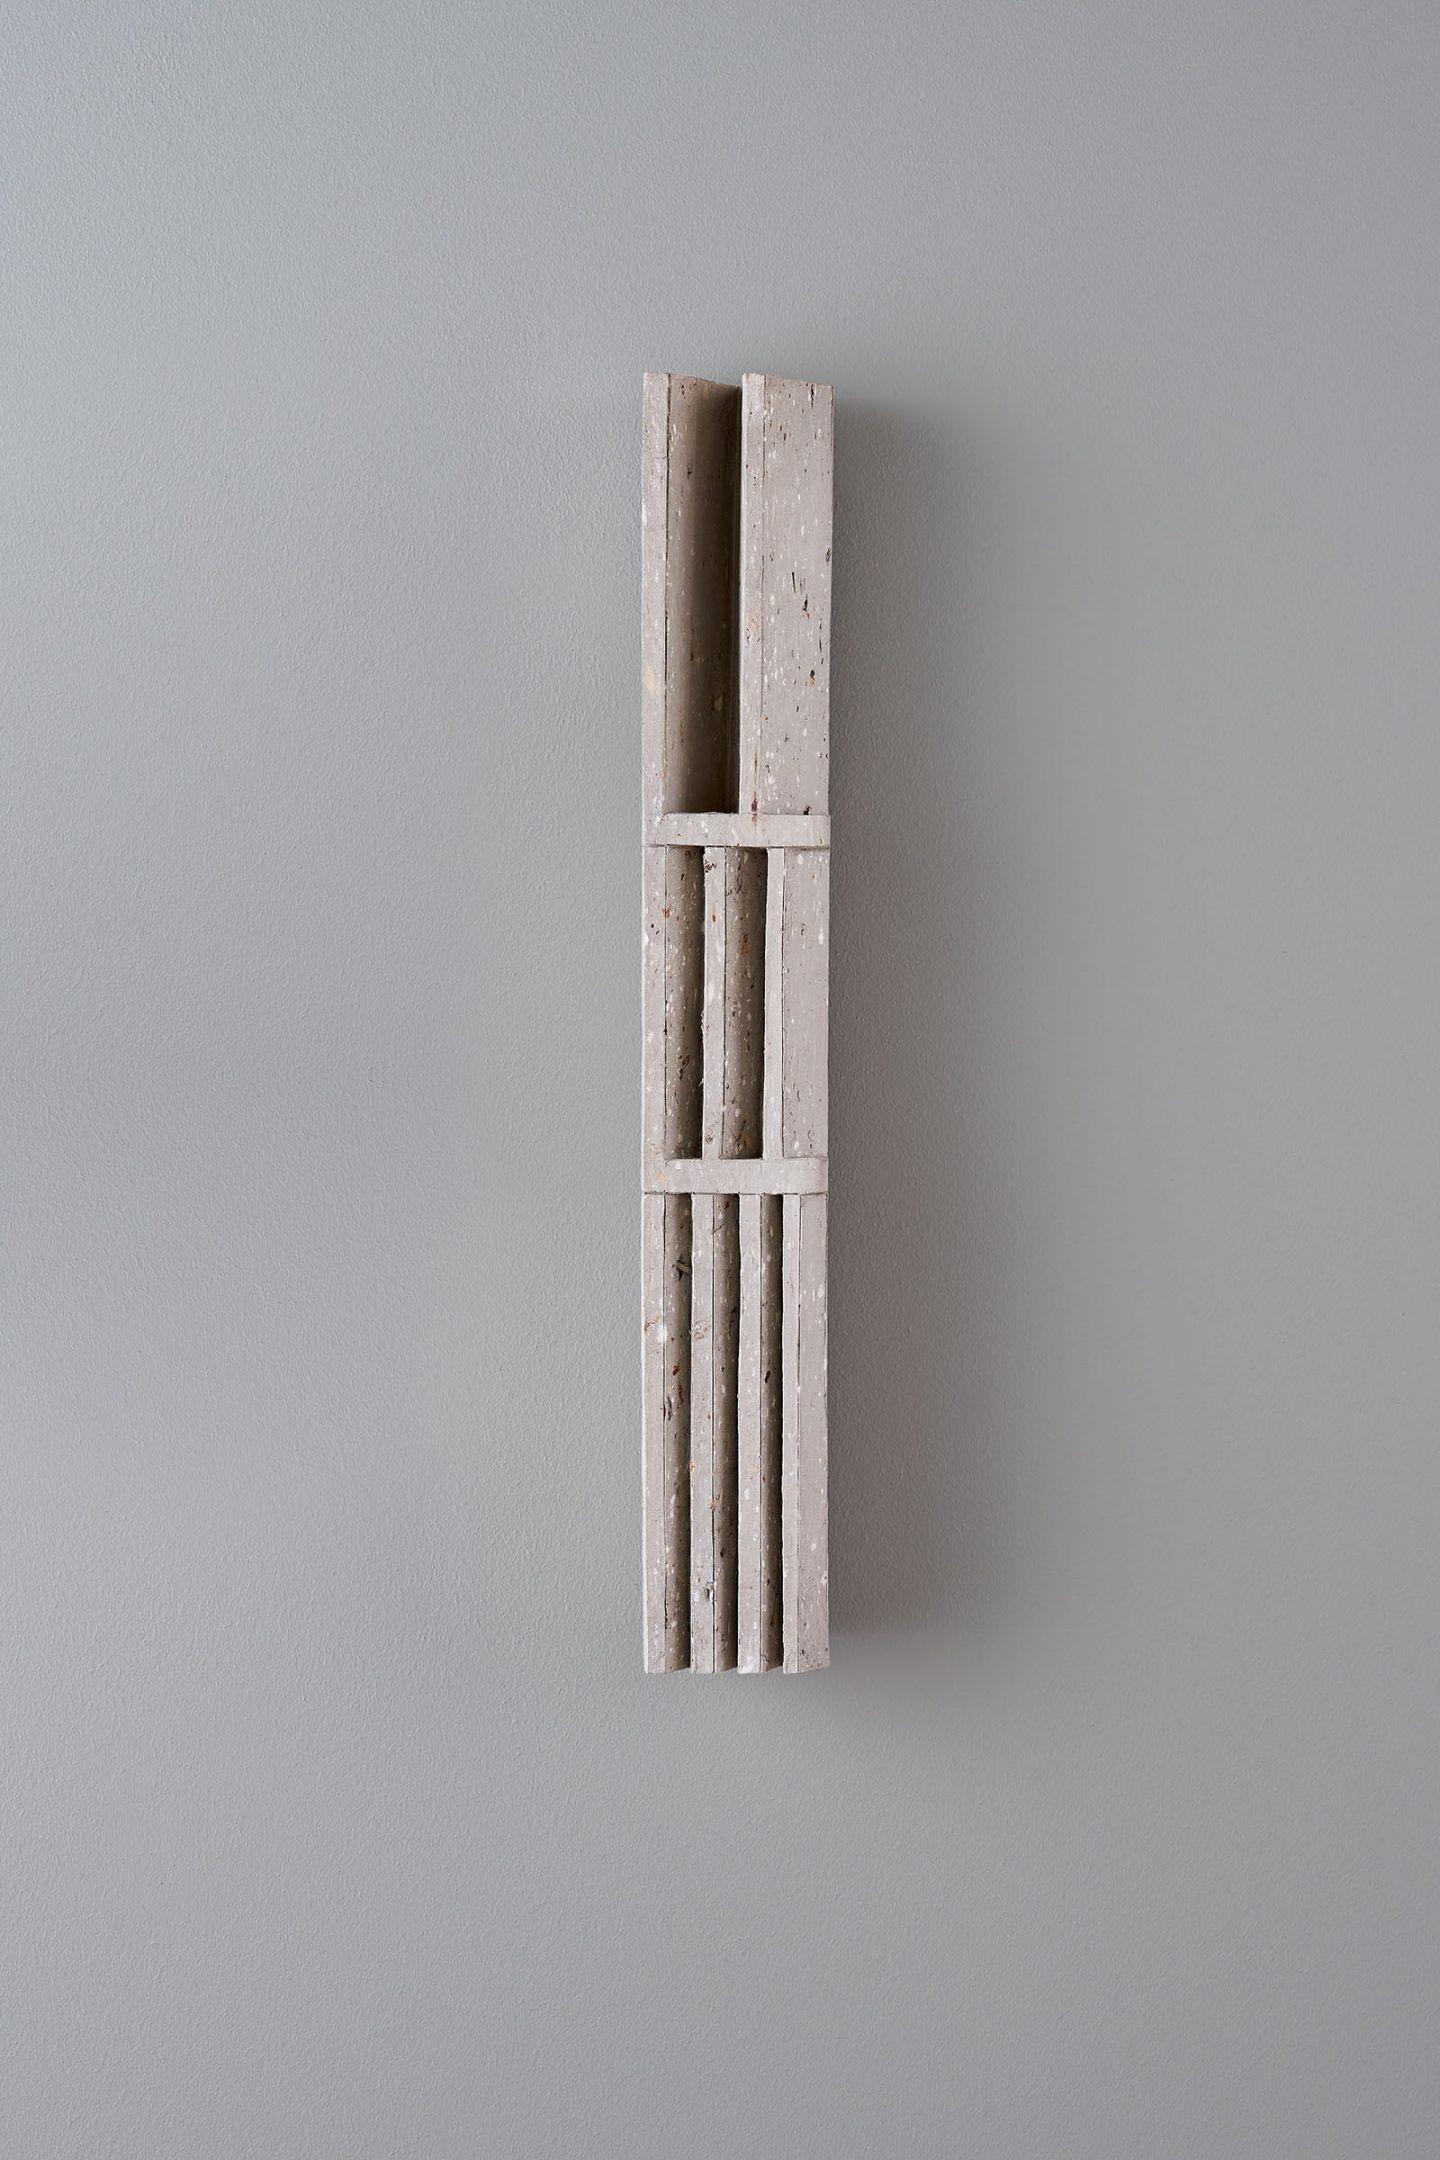 IGNANT-Design-Bruce-Rowe-Structures-05